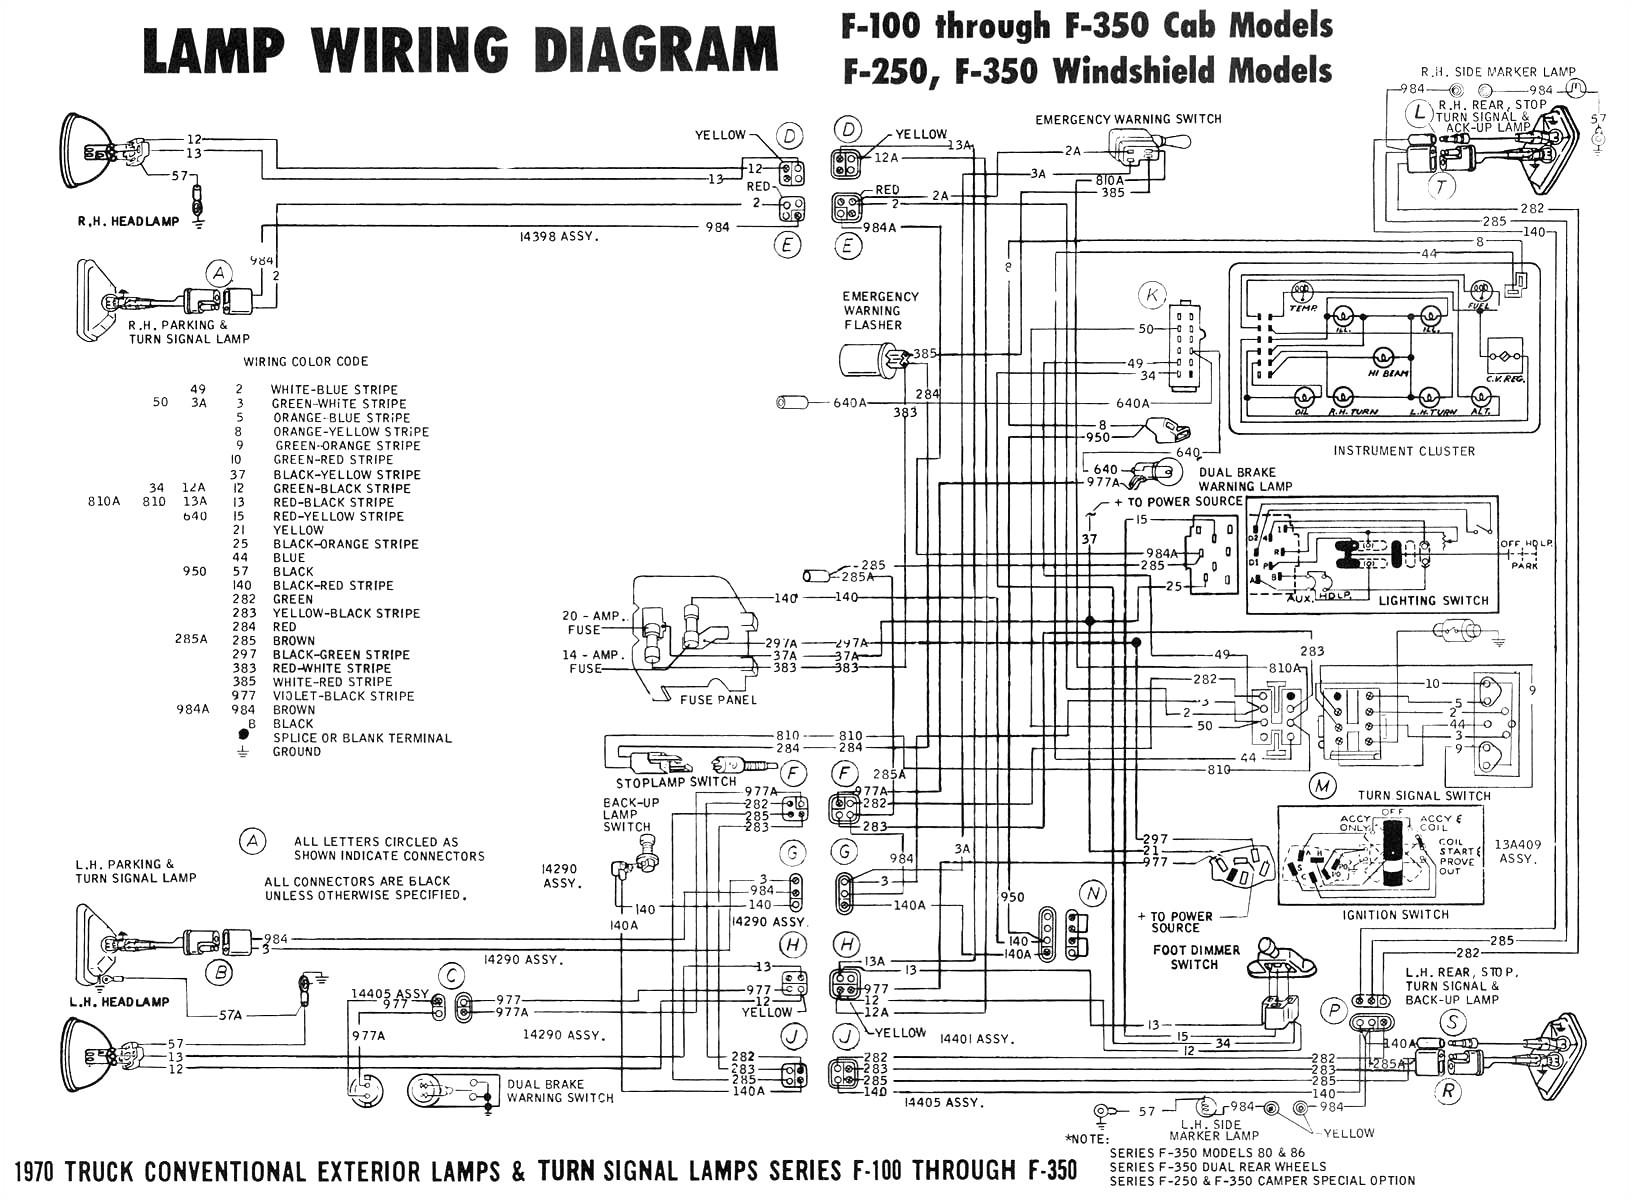 2005 pontiac grand prix o2 sensor electrical diagram moreover chevy 98 dodge dakota radio wiring harness